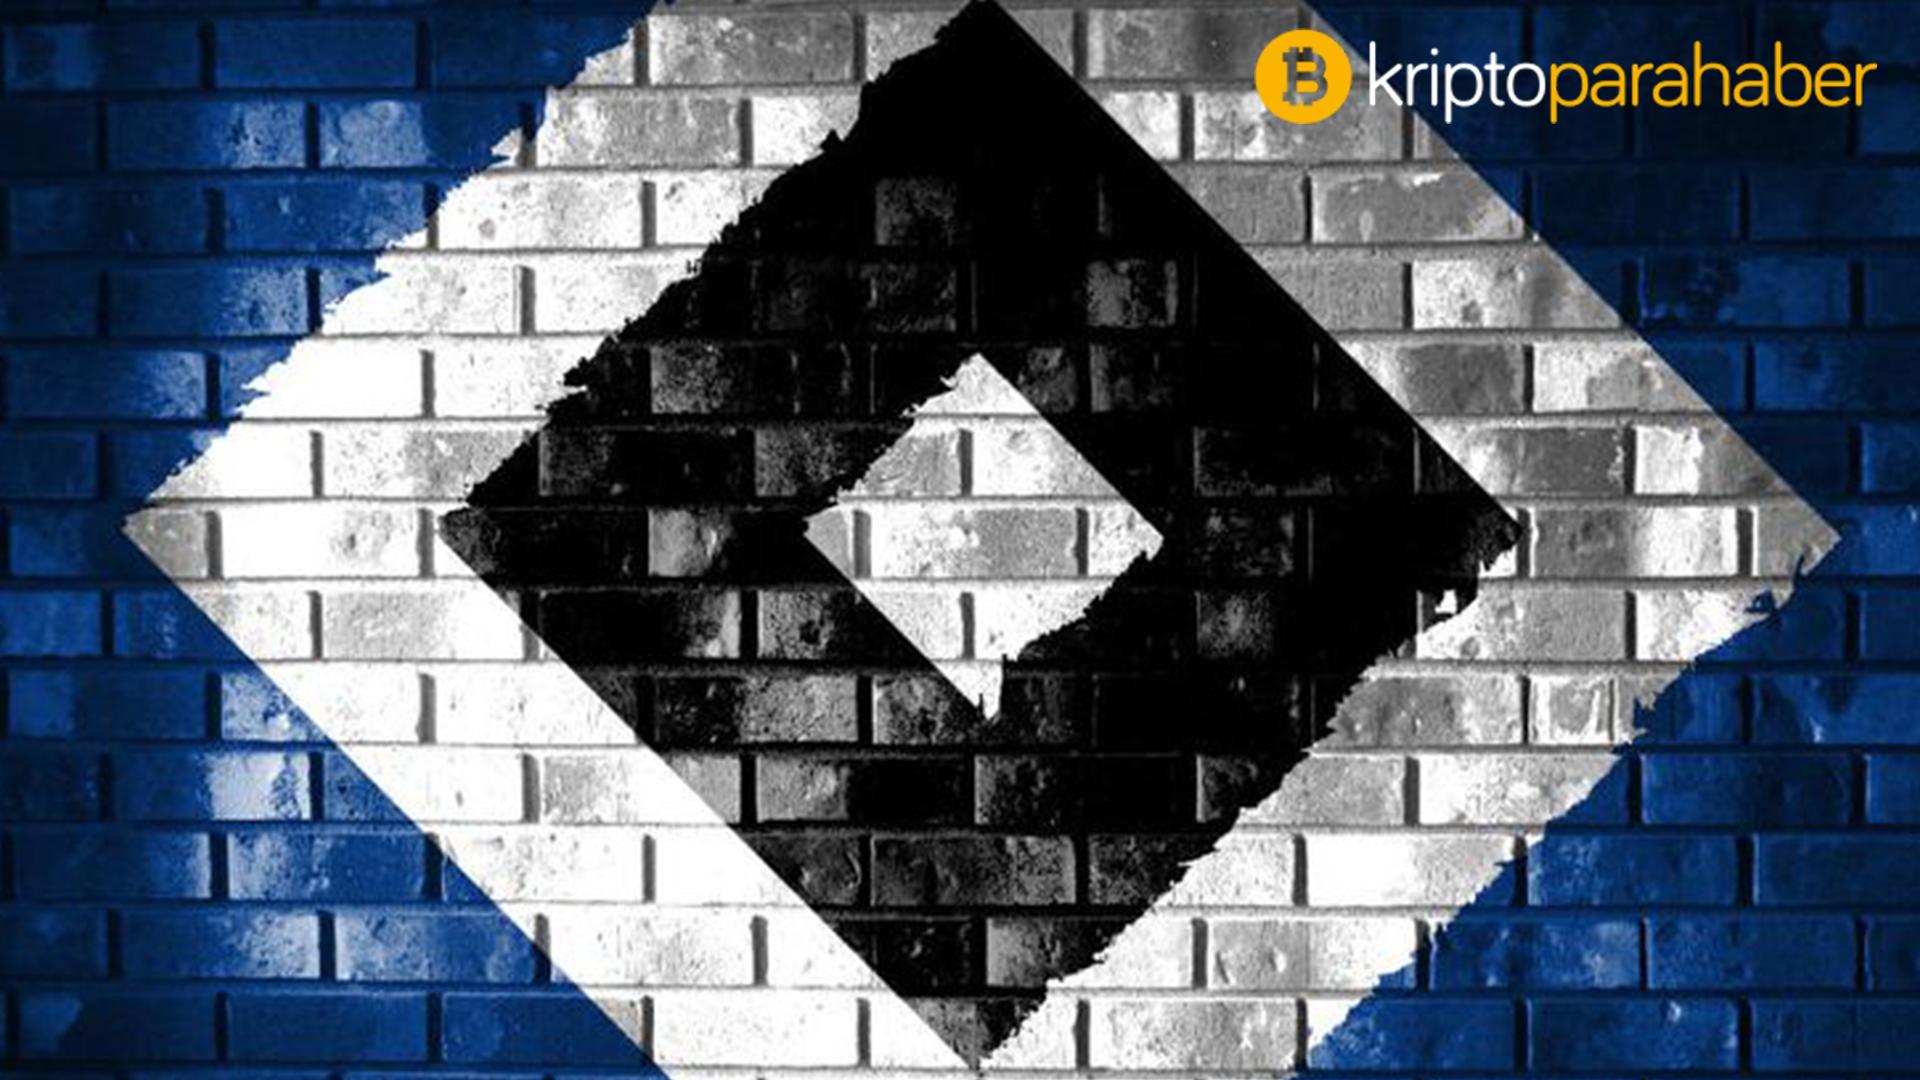 HSV Blockchain şirketi ile ortaklığını açıkladı.